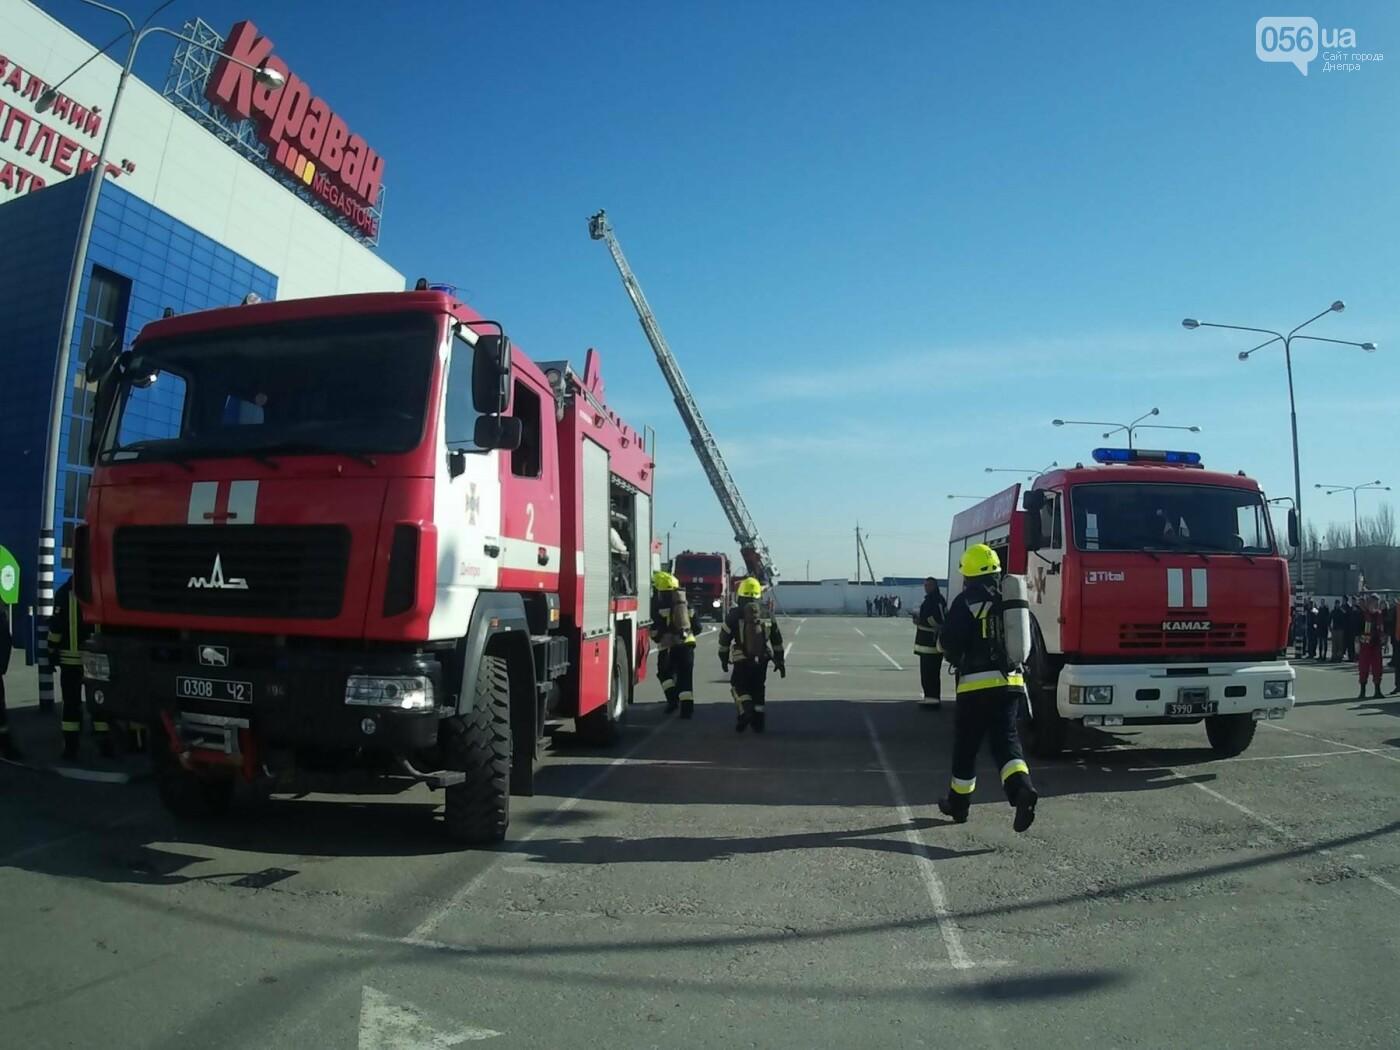 В Днепре спасатели эвакуировали персонал и посетителей из «Каравана» (ФОТО, ВИДЕО), фото-7